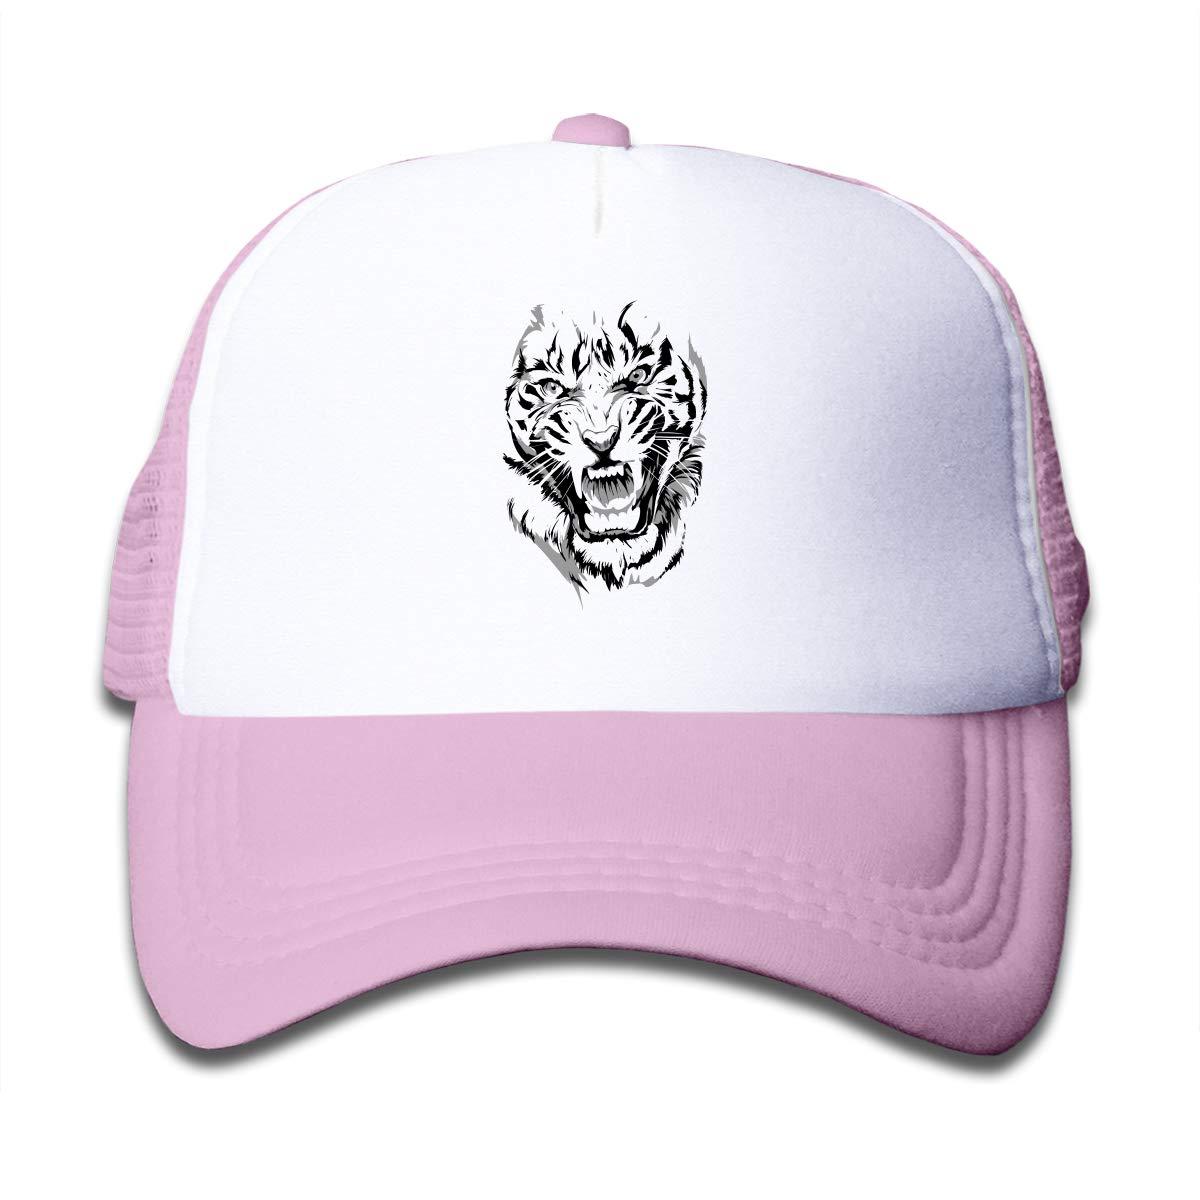 Tiger Eyes Kids Hip Hop Caps Hat Black